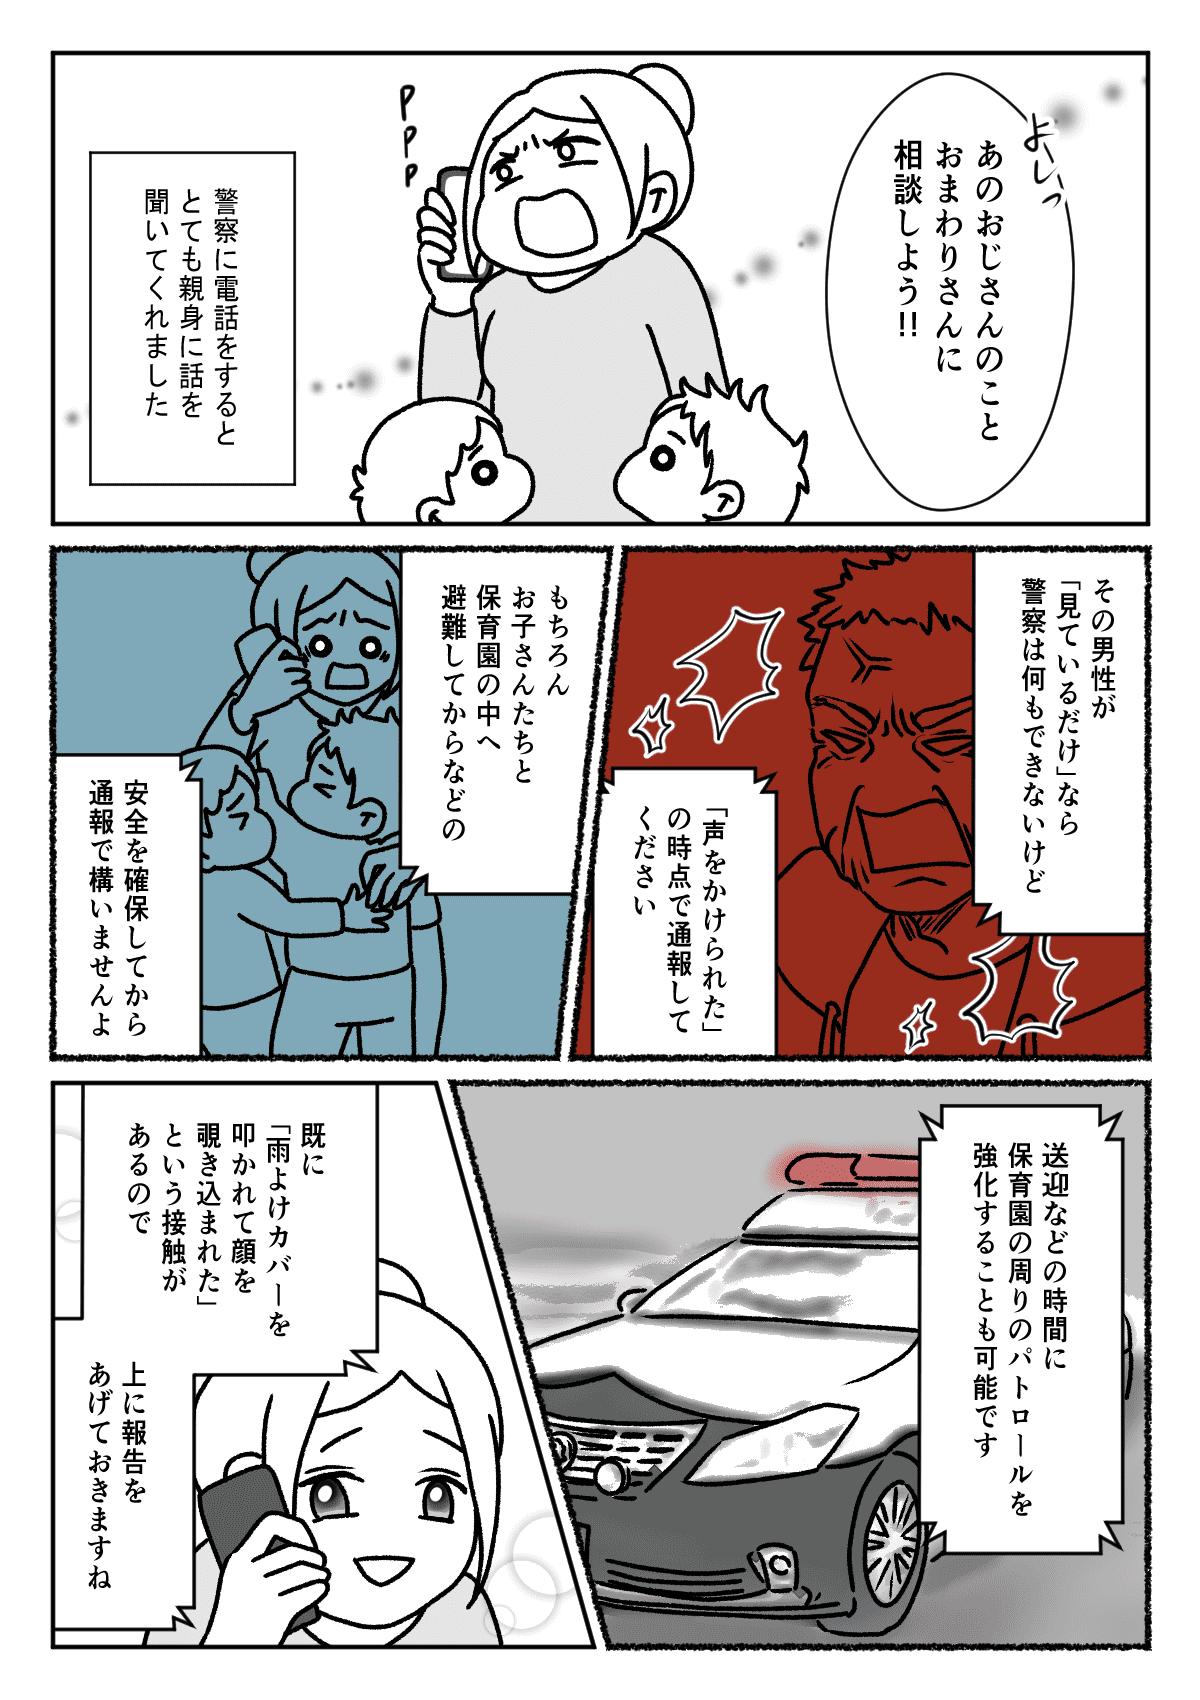 【後編】不審者と遭遇!5